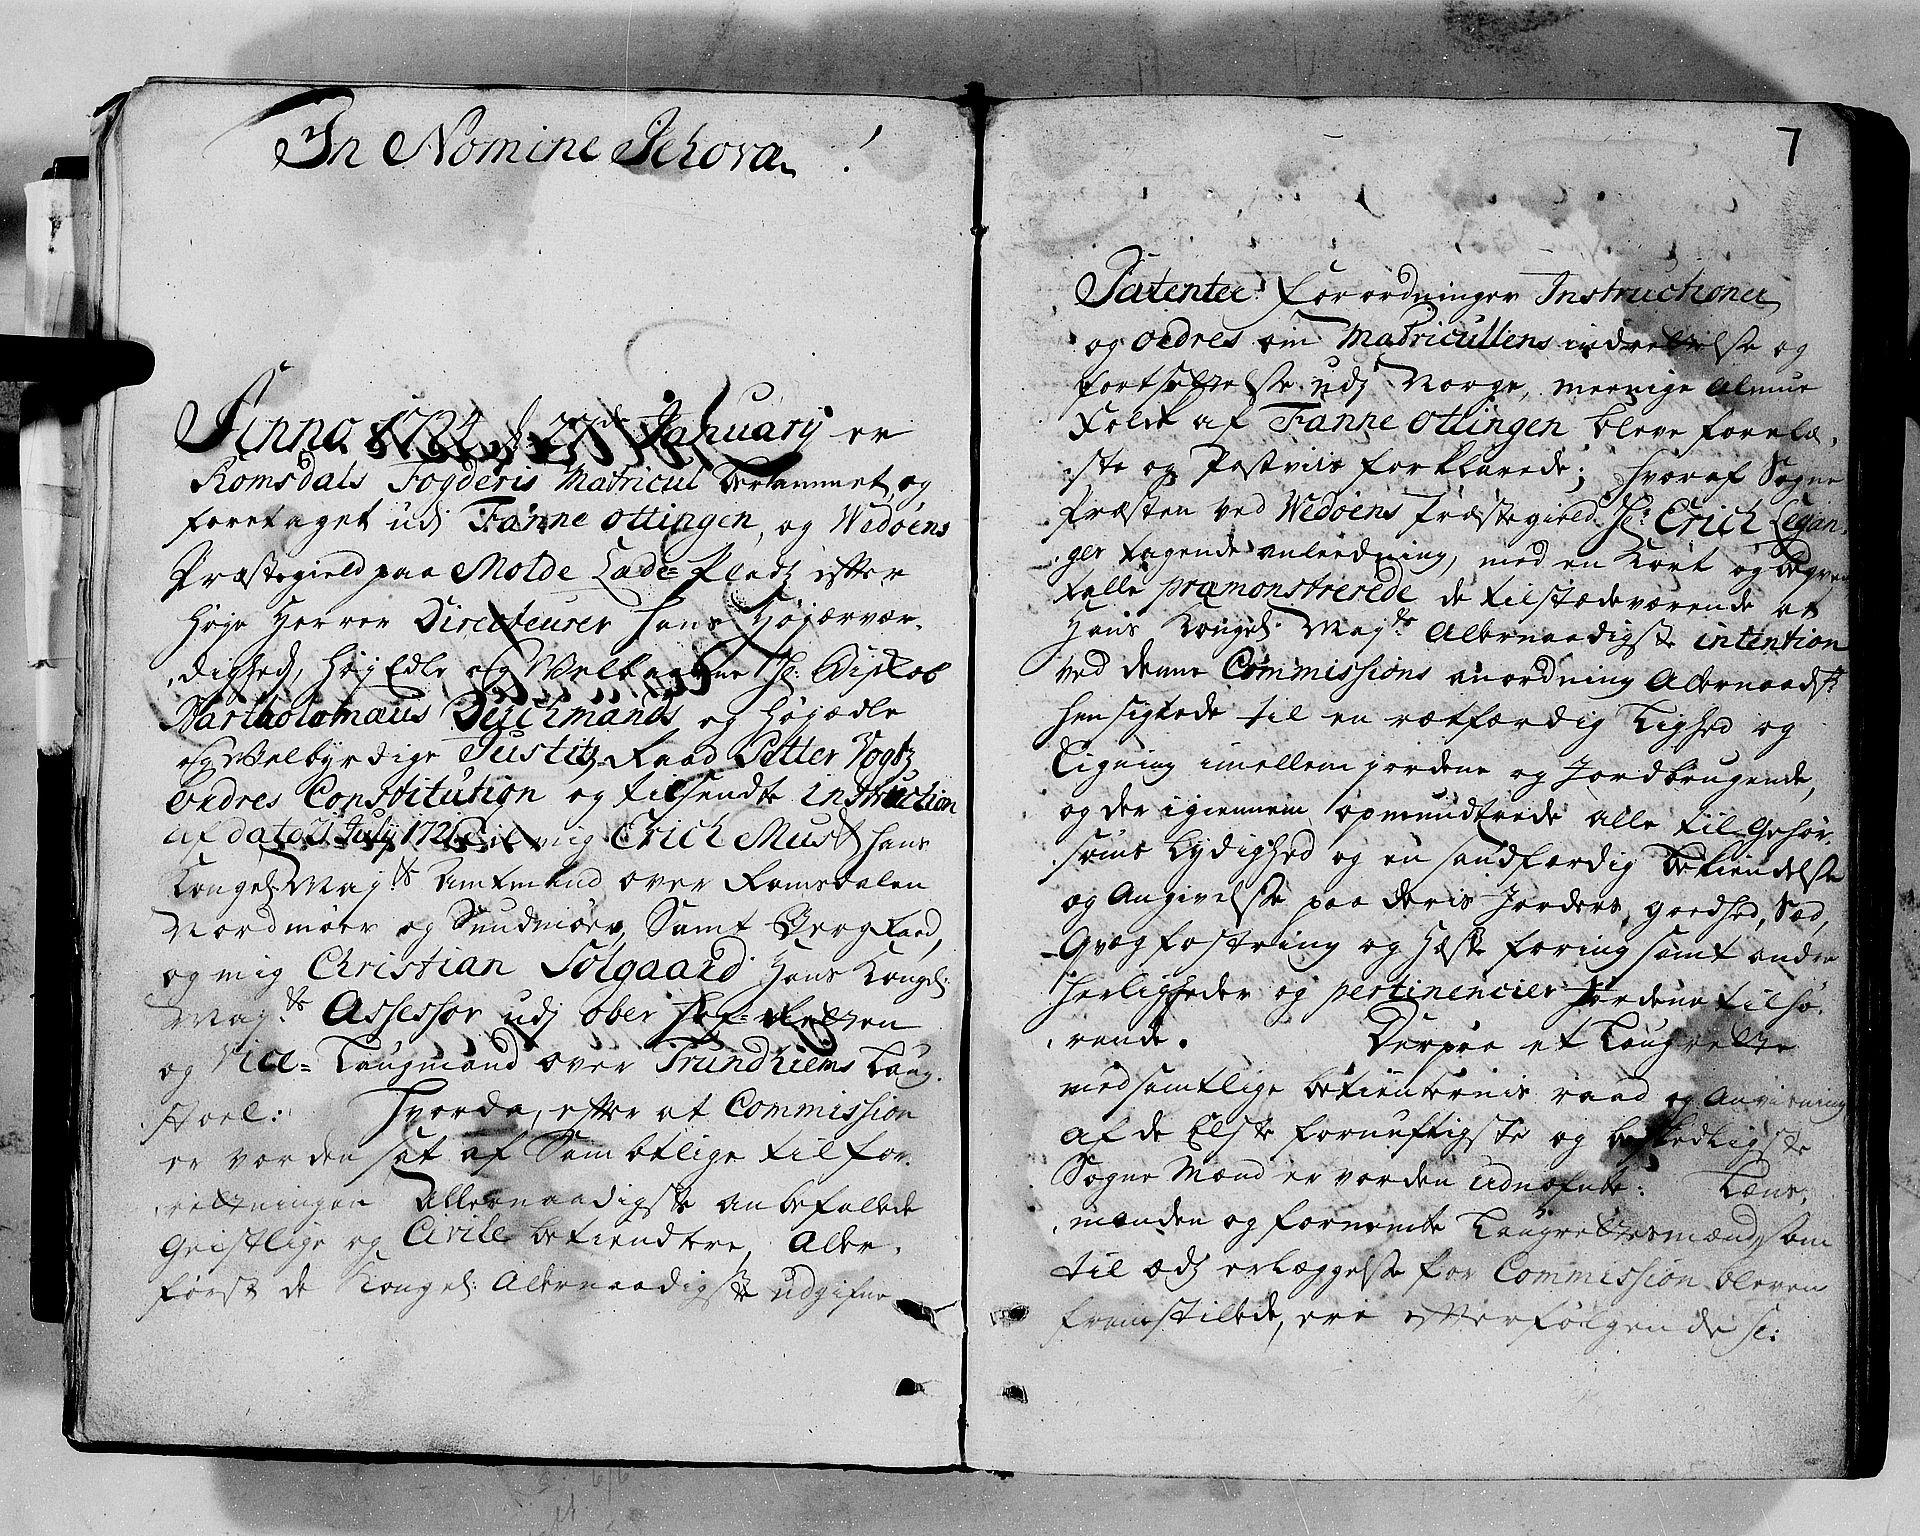 RA, Rentekammeret inntil 1814, Realistisk ordnet avdeling, N/Nb/Nbf/L0152: Romsdal eksaminasjonsprotokoll, 1724, s. 6b-7a